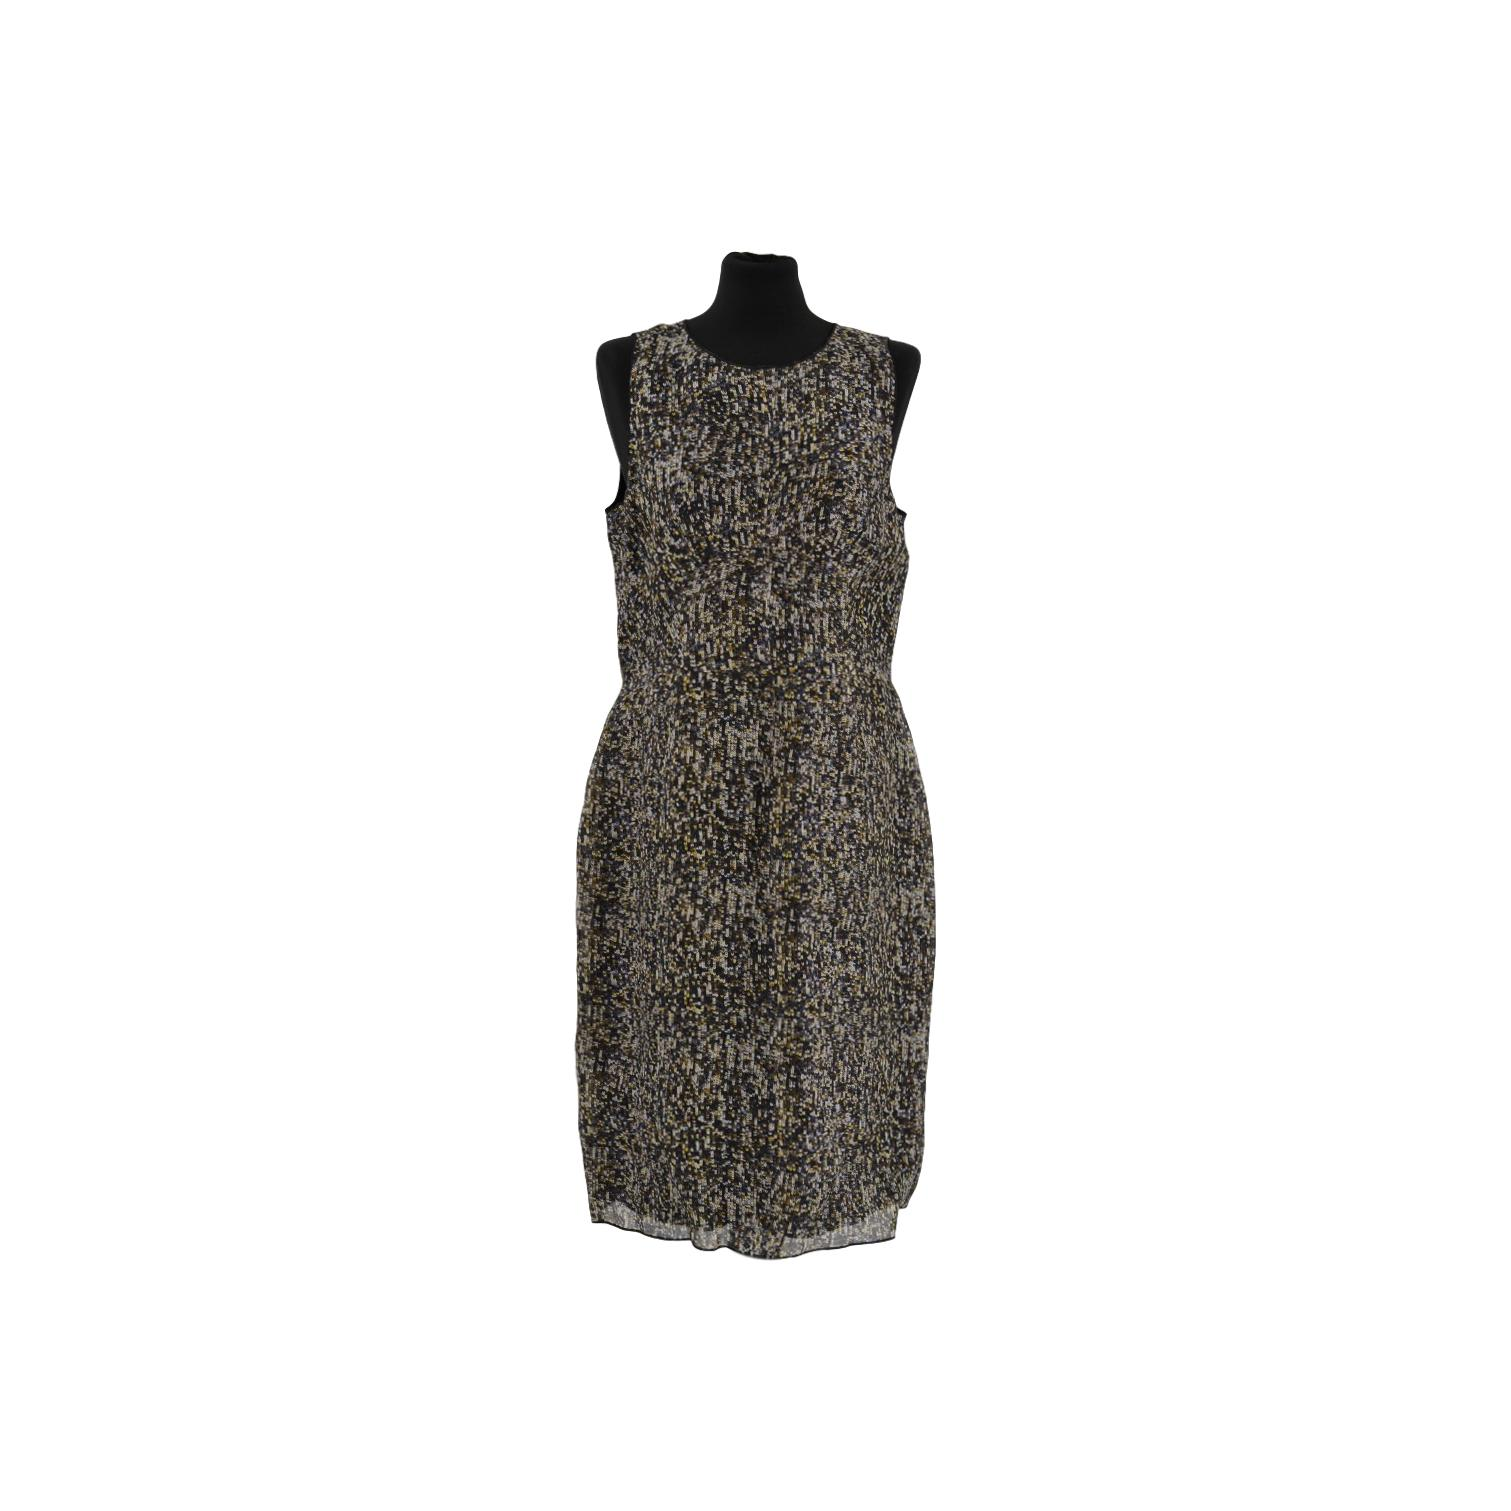 3c8da06566bad90 Купить платье Dolce & Gabbana за 6750 руб. в интернет магазине ...